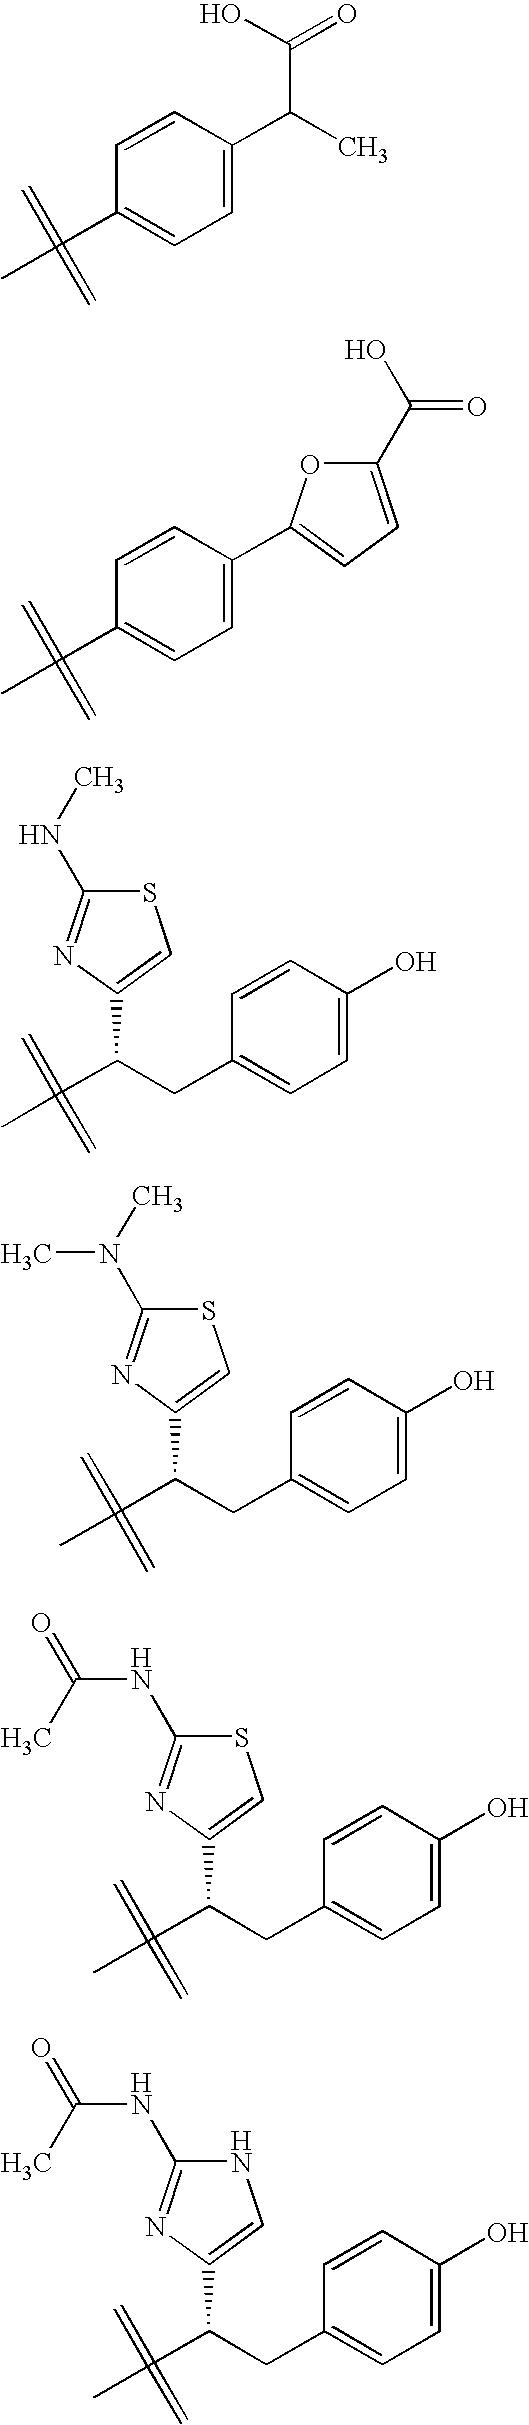 Figure US20070049593A1-20070301-C00105